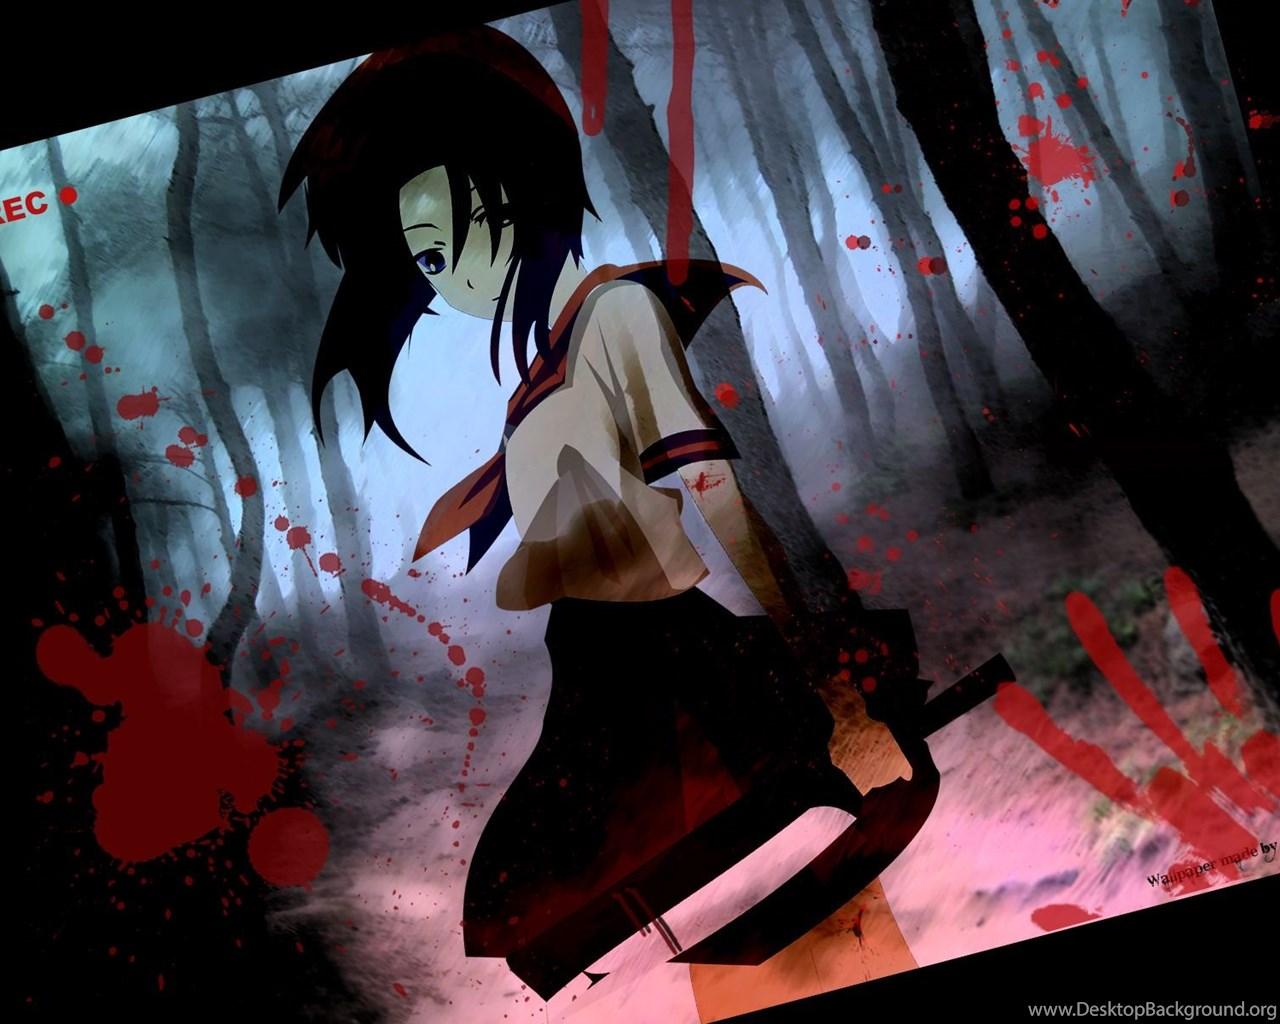 Download Anime Higurashi No Naku Koro Ni Wallpapers 1600x1200